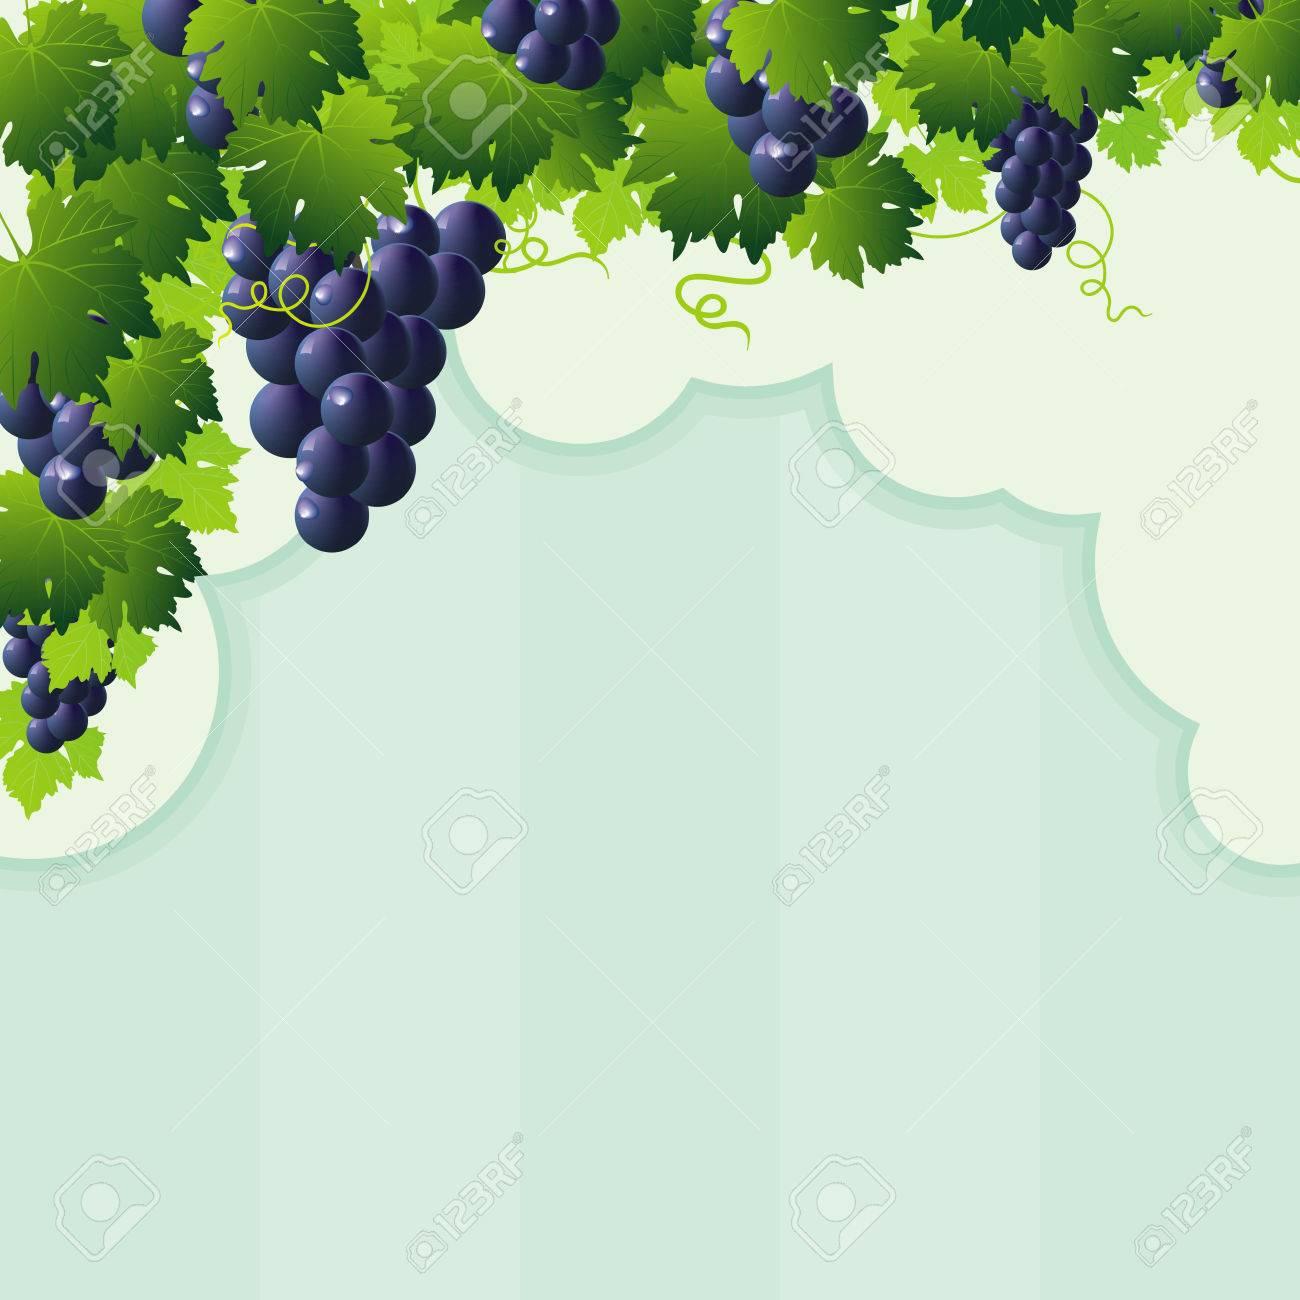 Abstrakte Blauen Reben Trauben Rahmen Mit Grünen Ausschnitt Und ...